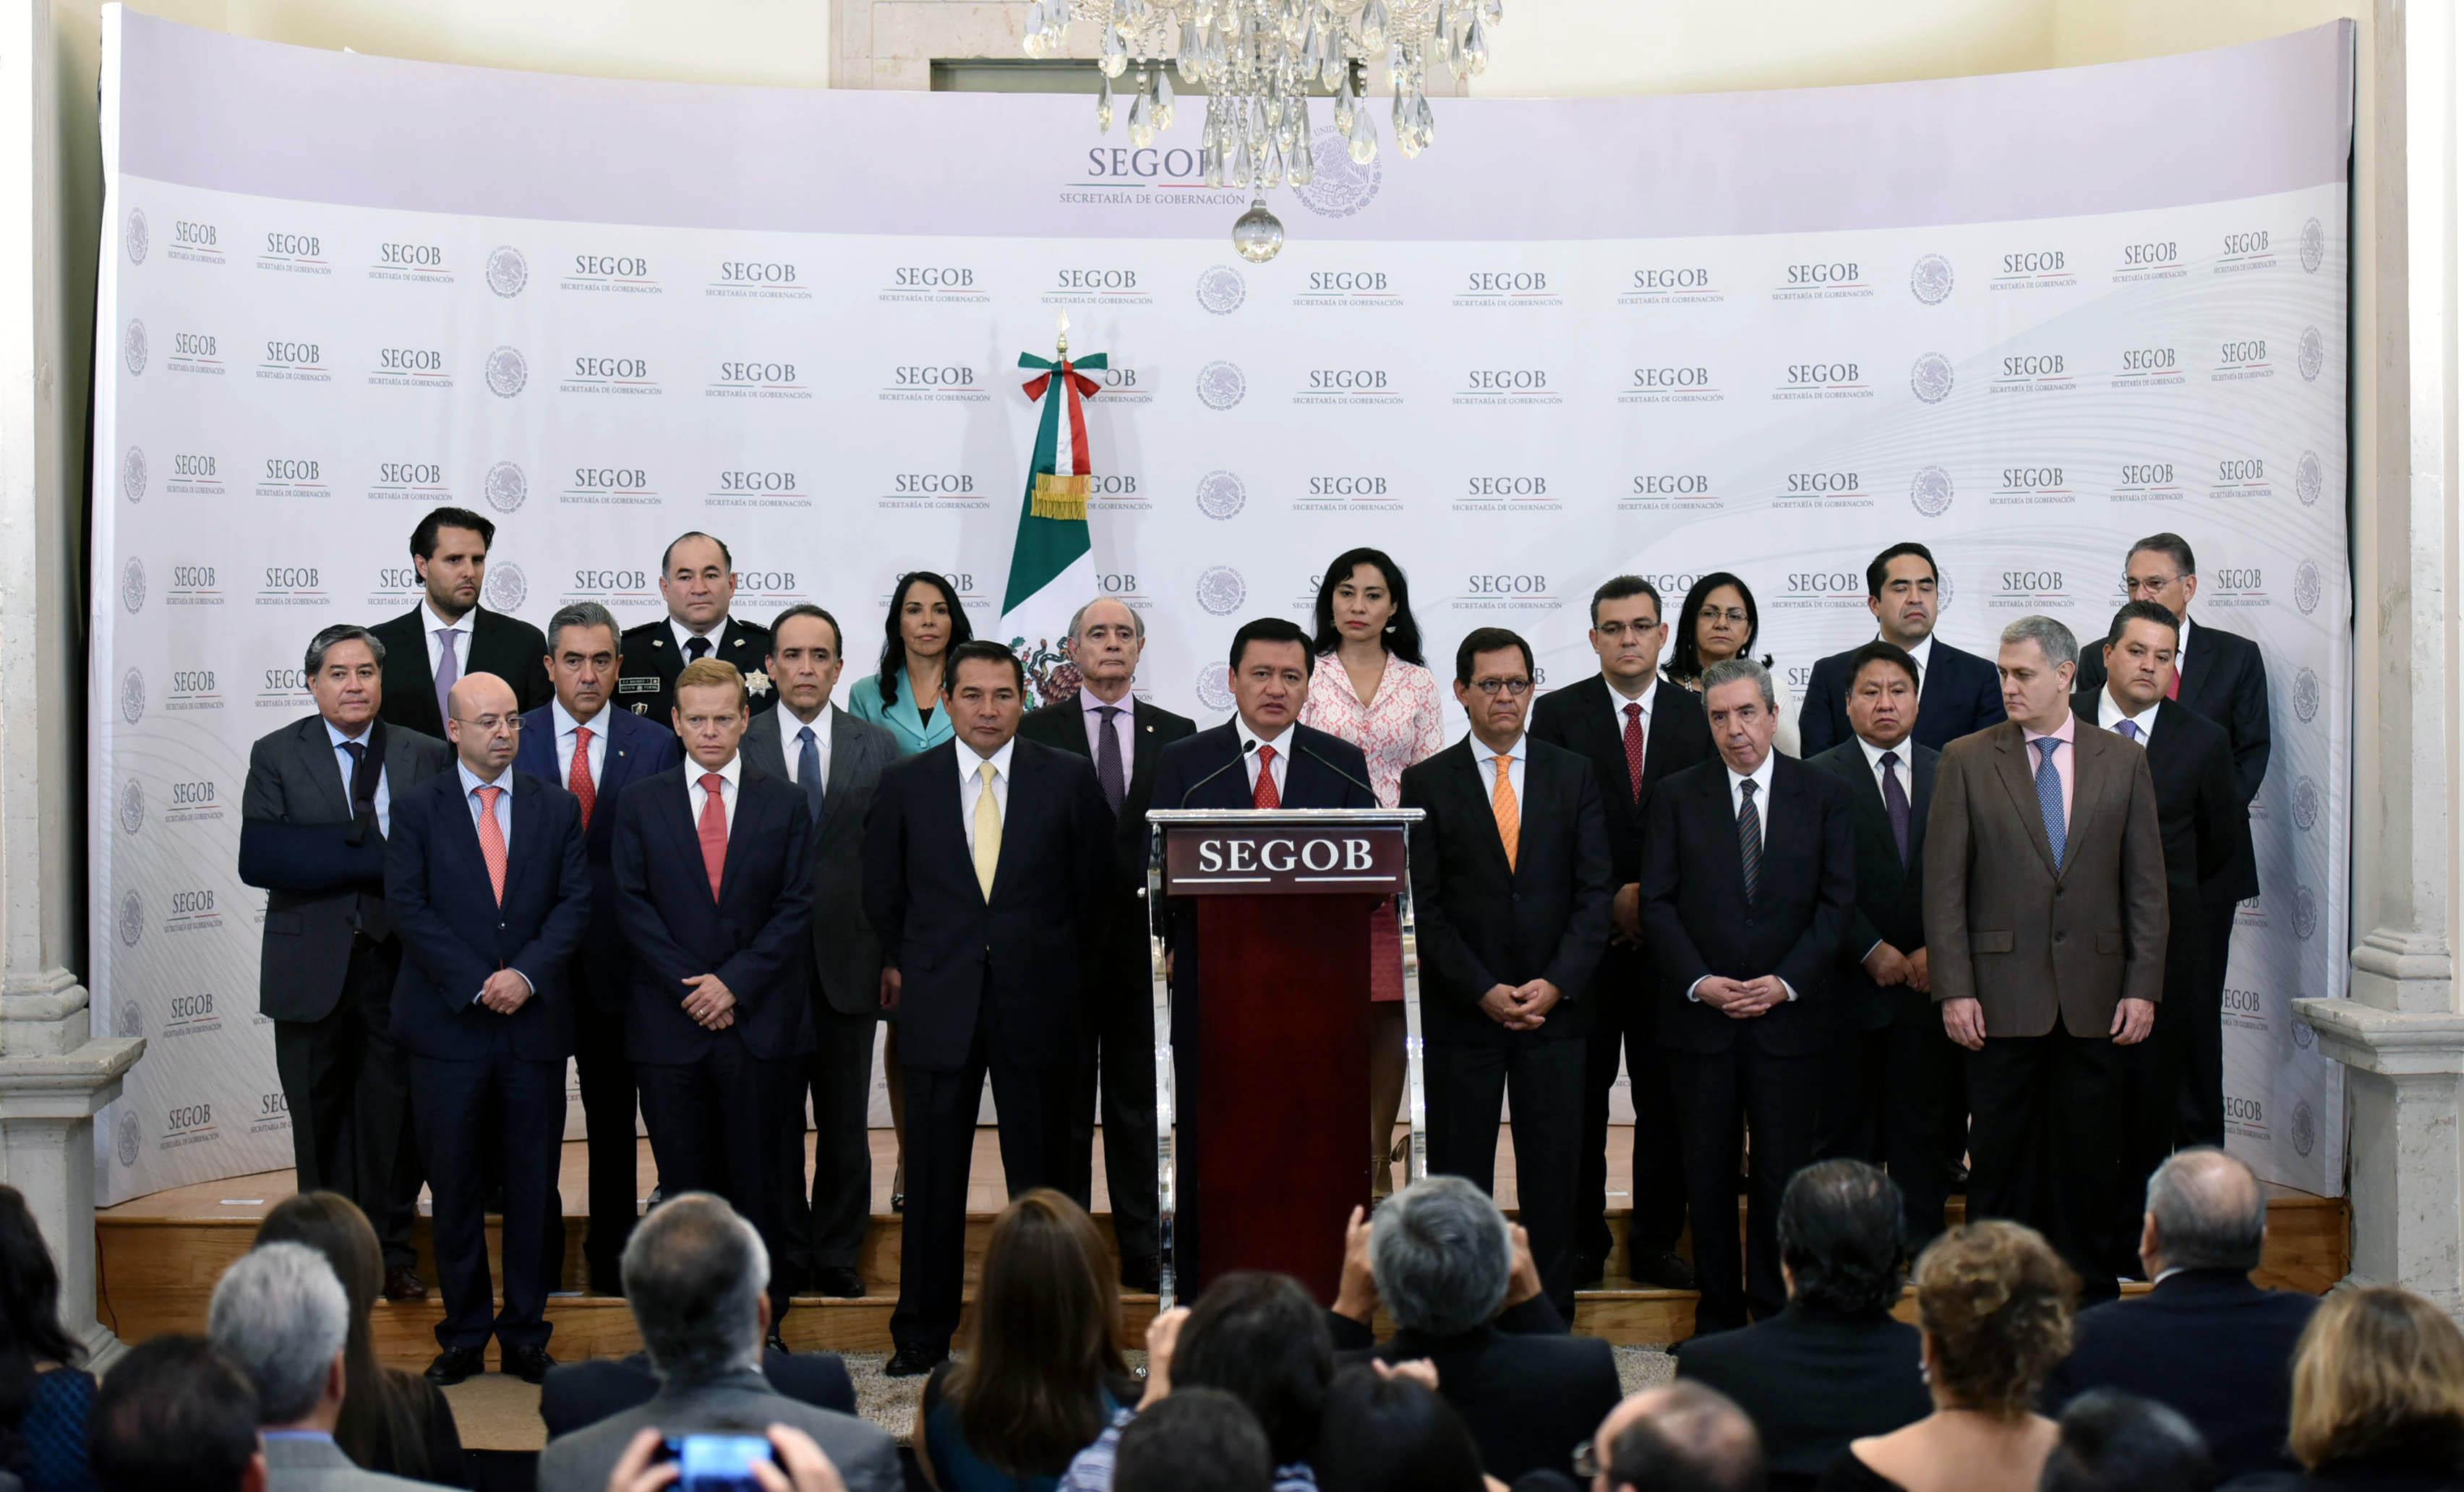 El Secretario de Gobernación, Miguel Ángel Osorio Chong, da posesión a nuevos funcionarios de la dependencia